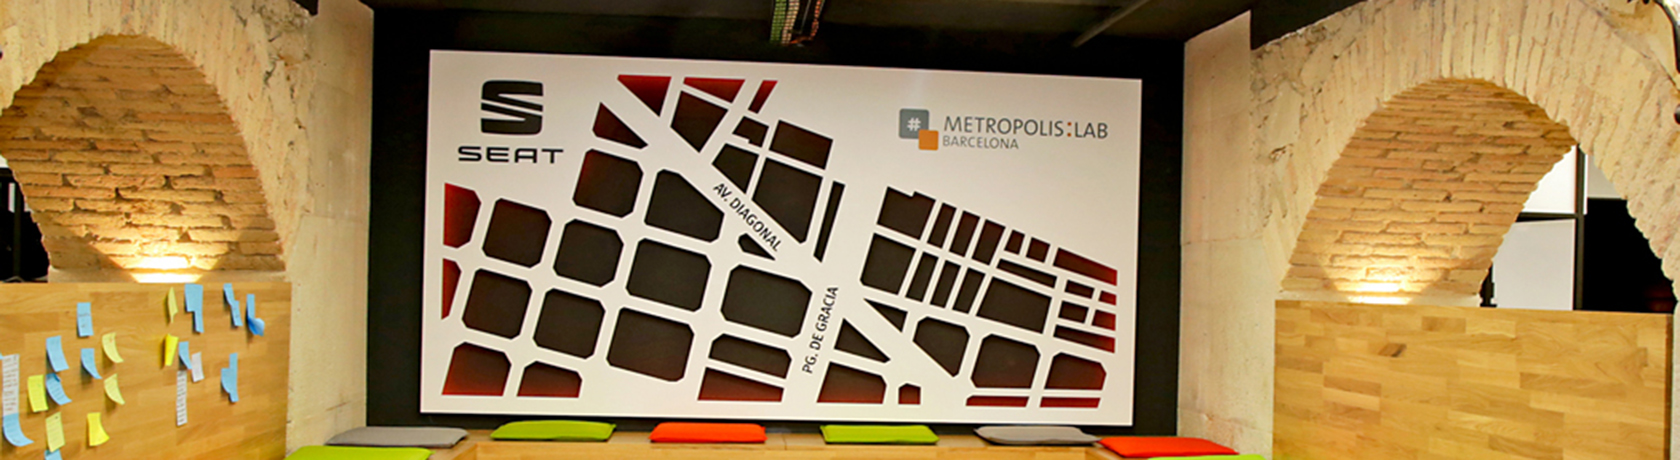 SEAT Metropolis:Lab, dove si sviluppa la mobilità per le smart city